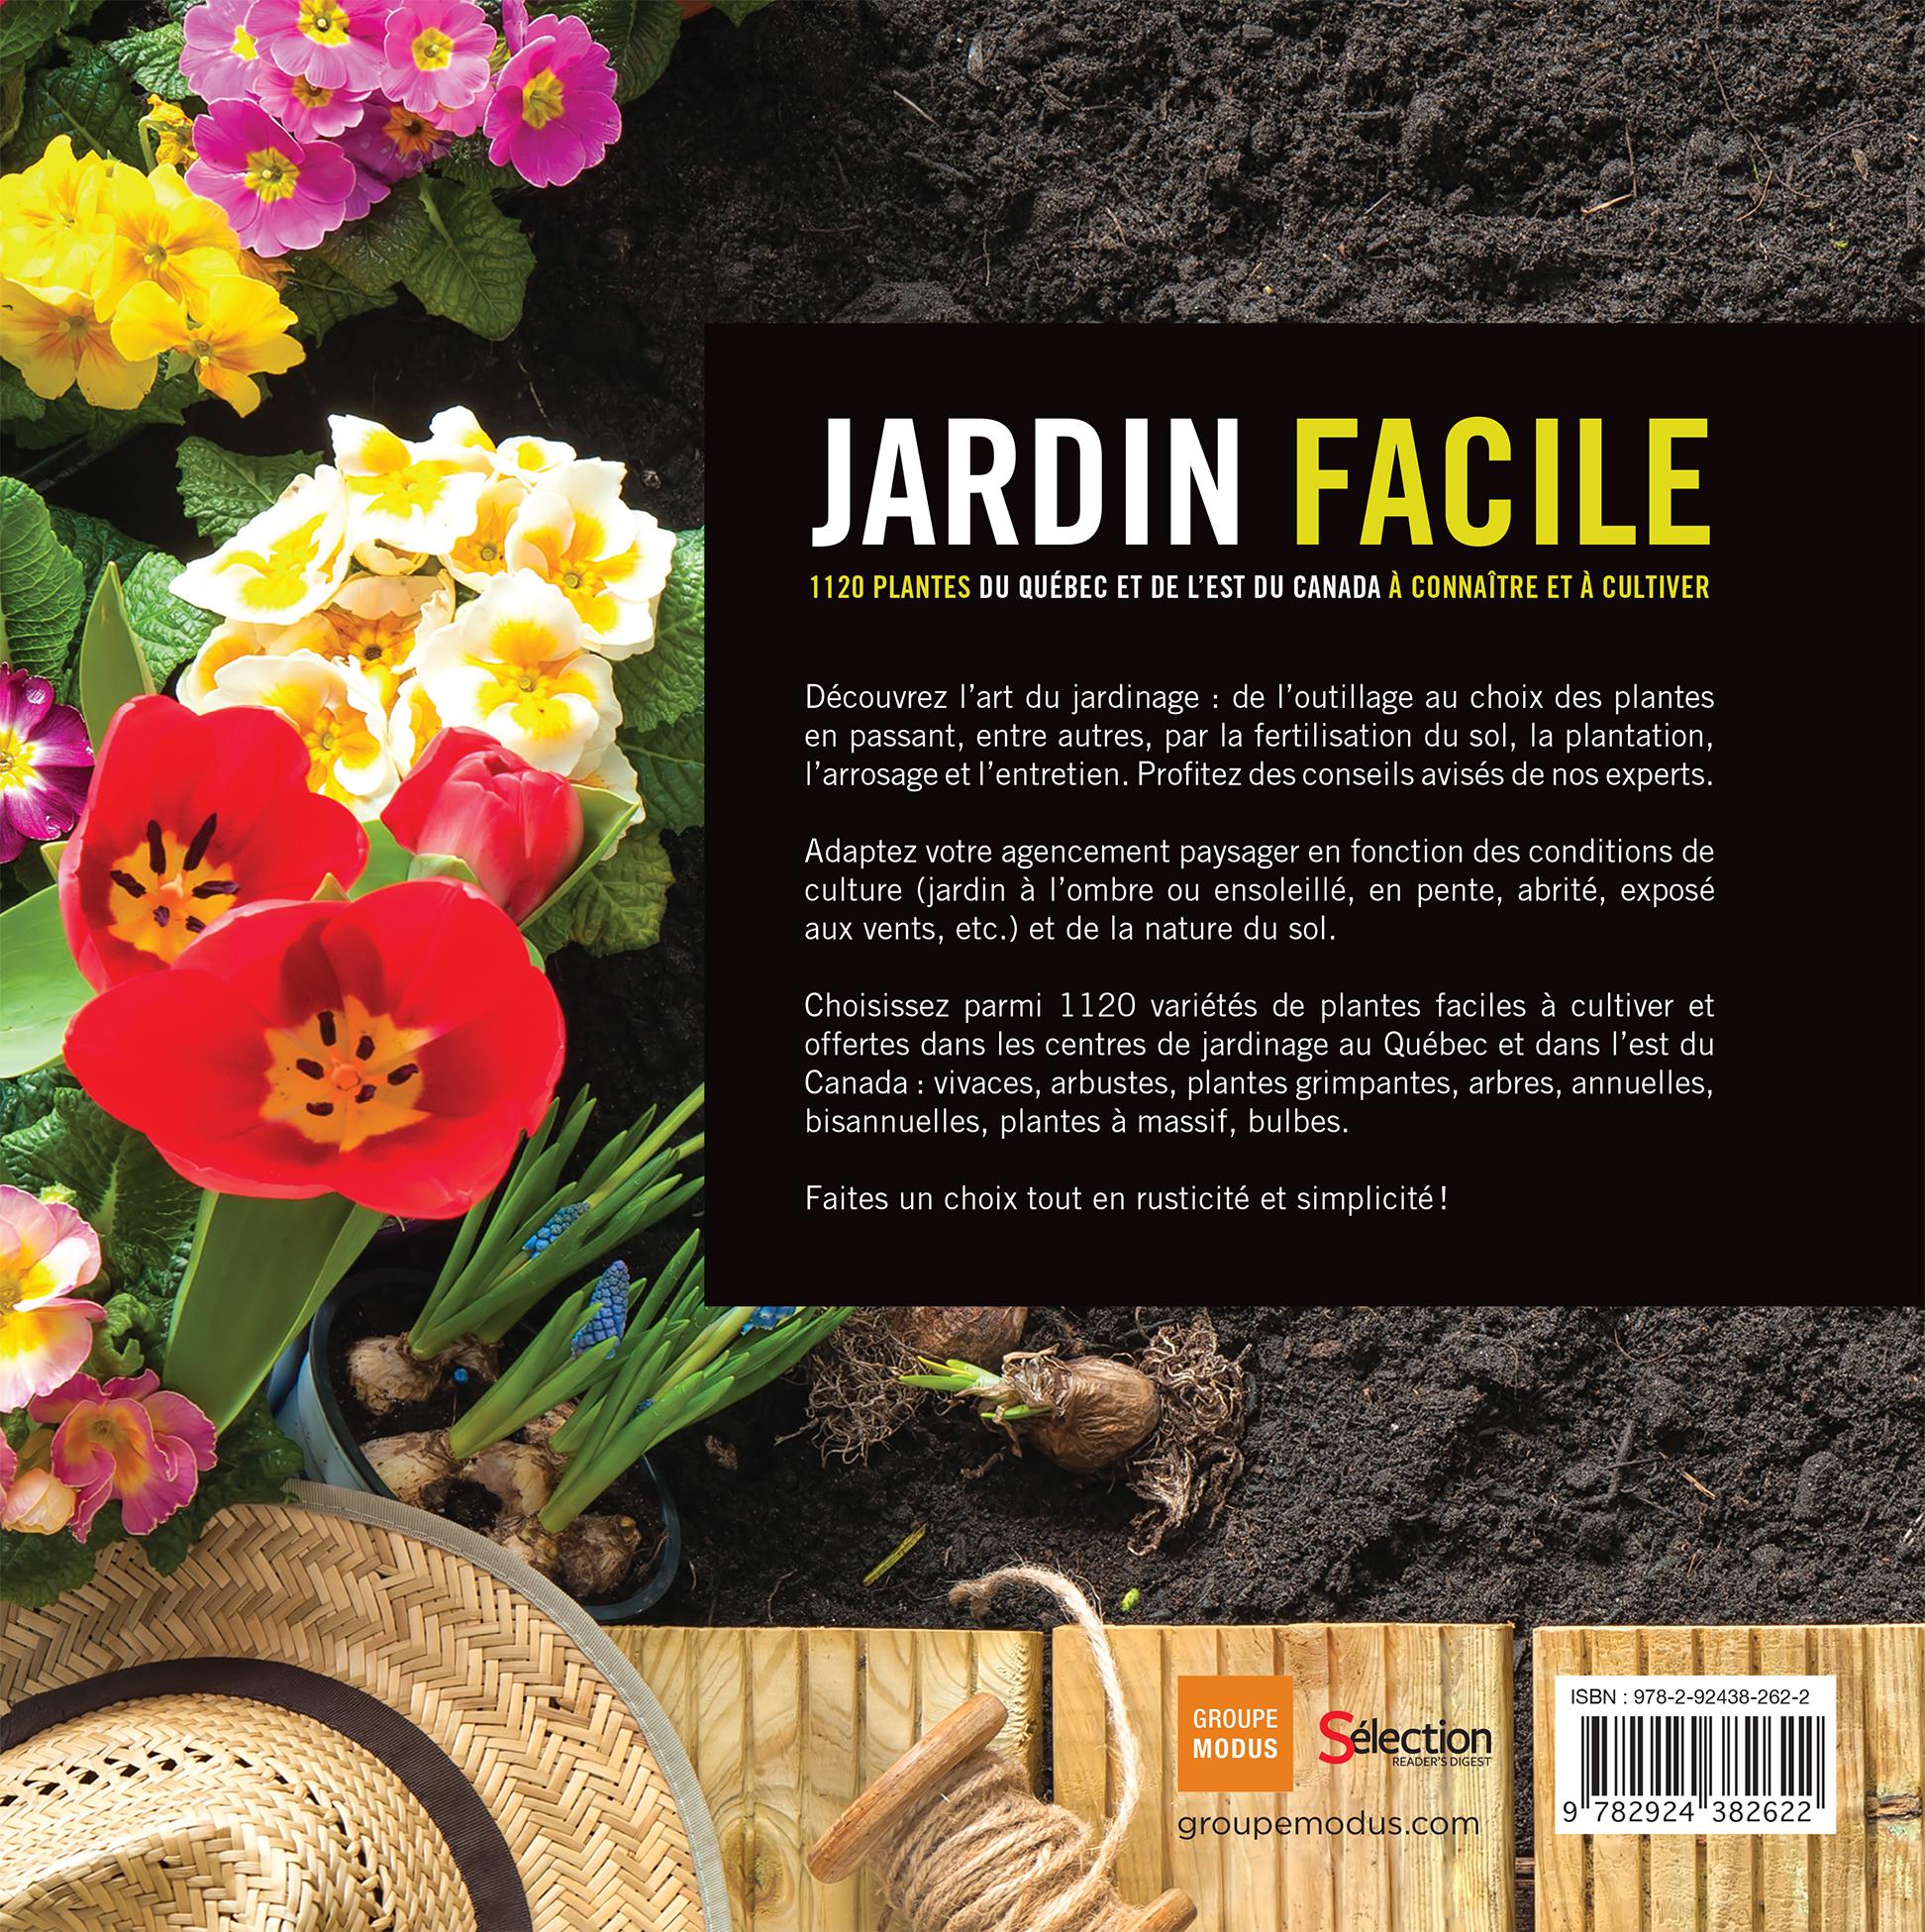 Jardin facile groupe modus - Jardin facile ...